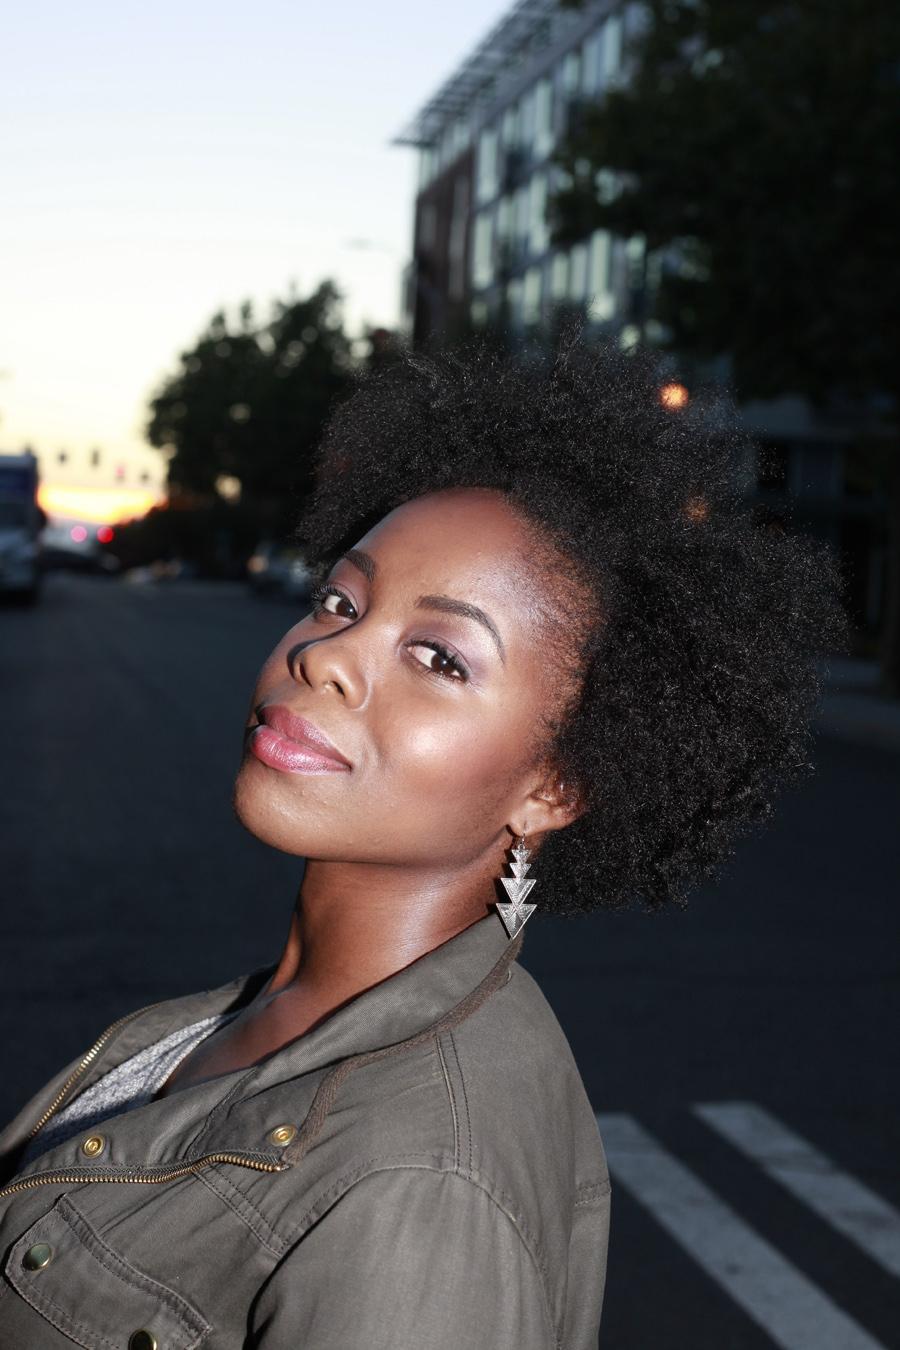 Claudine Mboligikpelani Nako